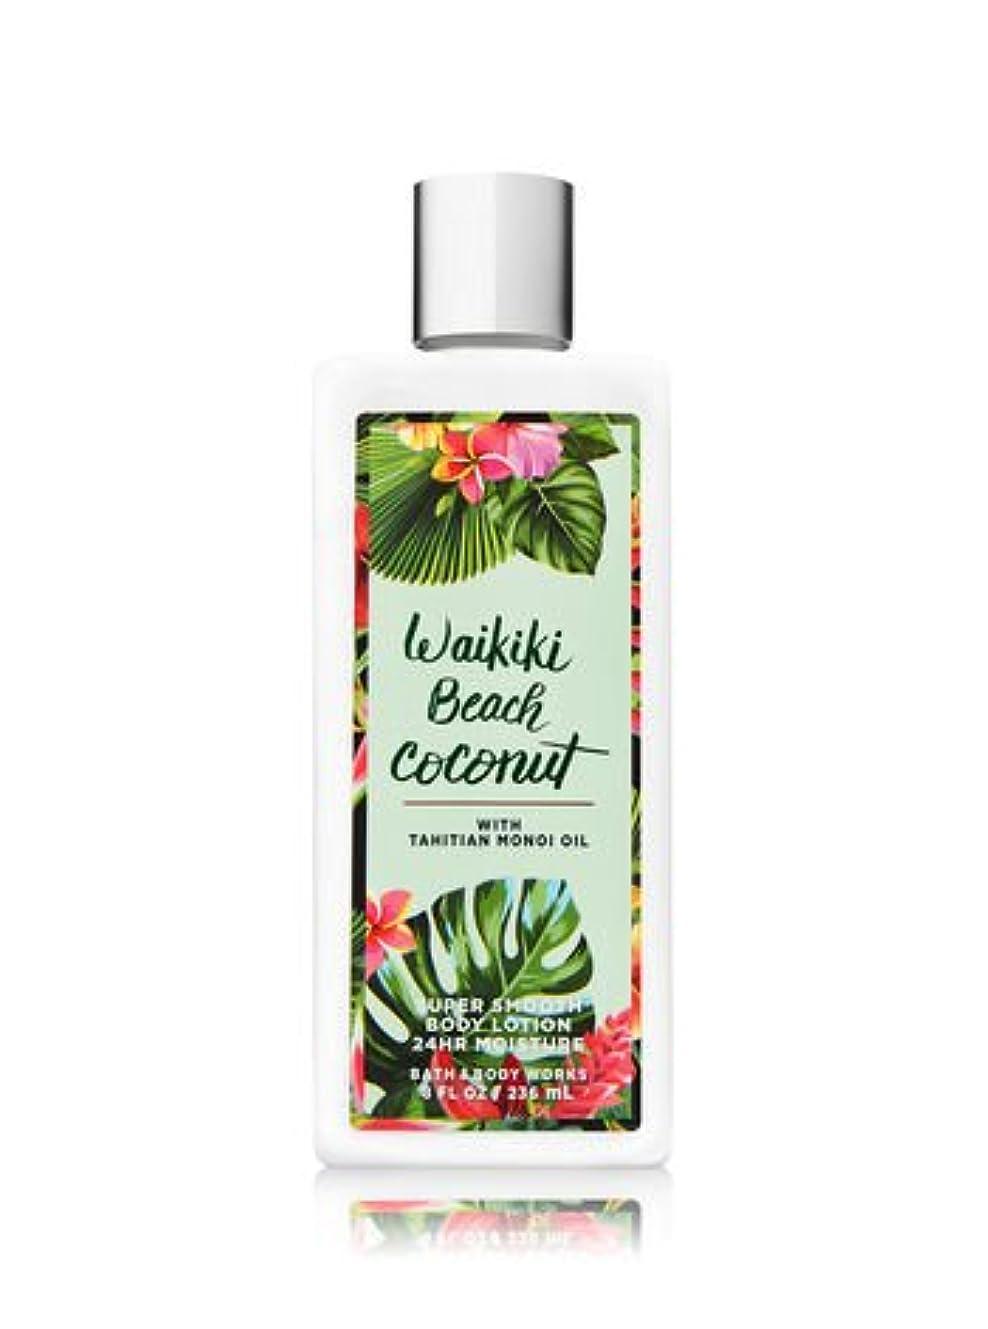 クラウド安らぎ擬人【Bath&Body Works/バス&ボディワークス】 ボディローション ワイキキビーチココナッツ Super Smooth Body Lotion Waikiki Beach Coconut 8 fl oz / 236...